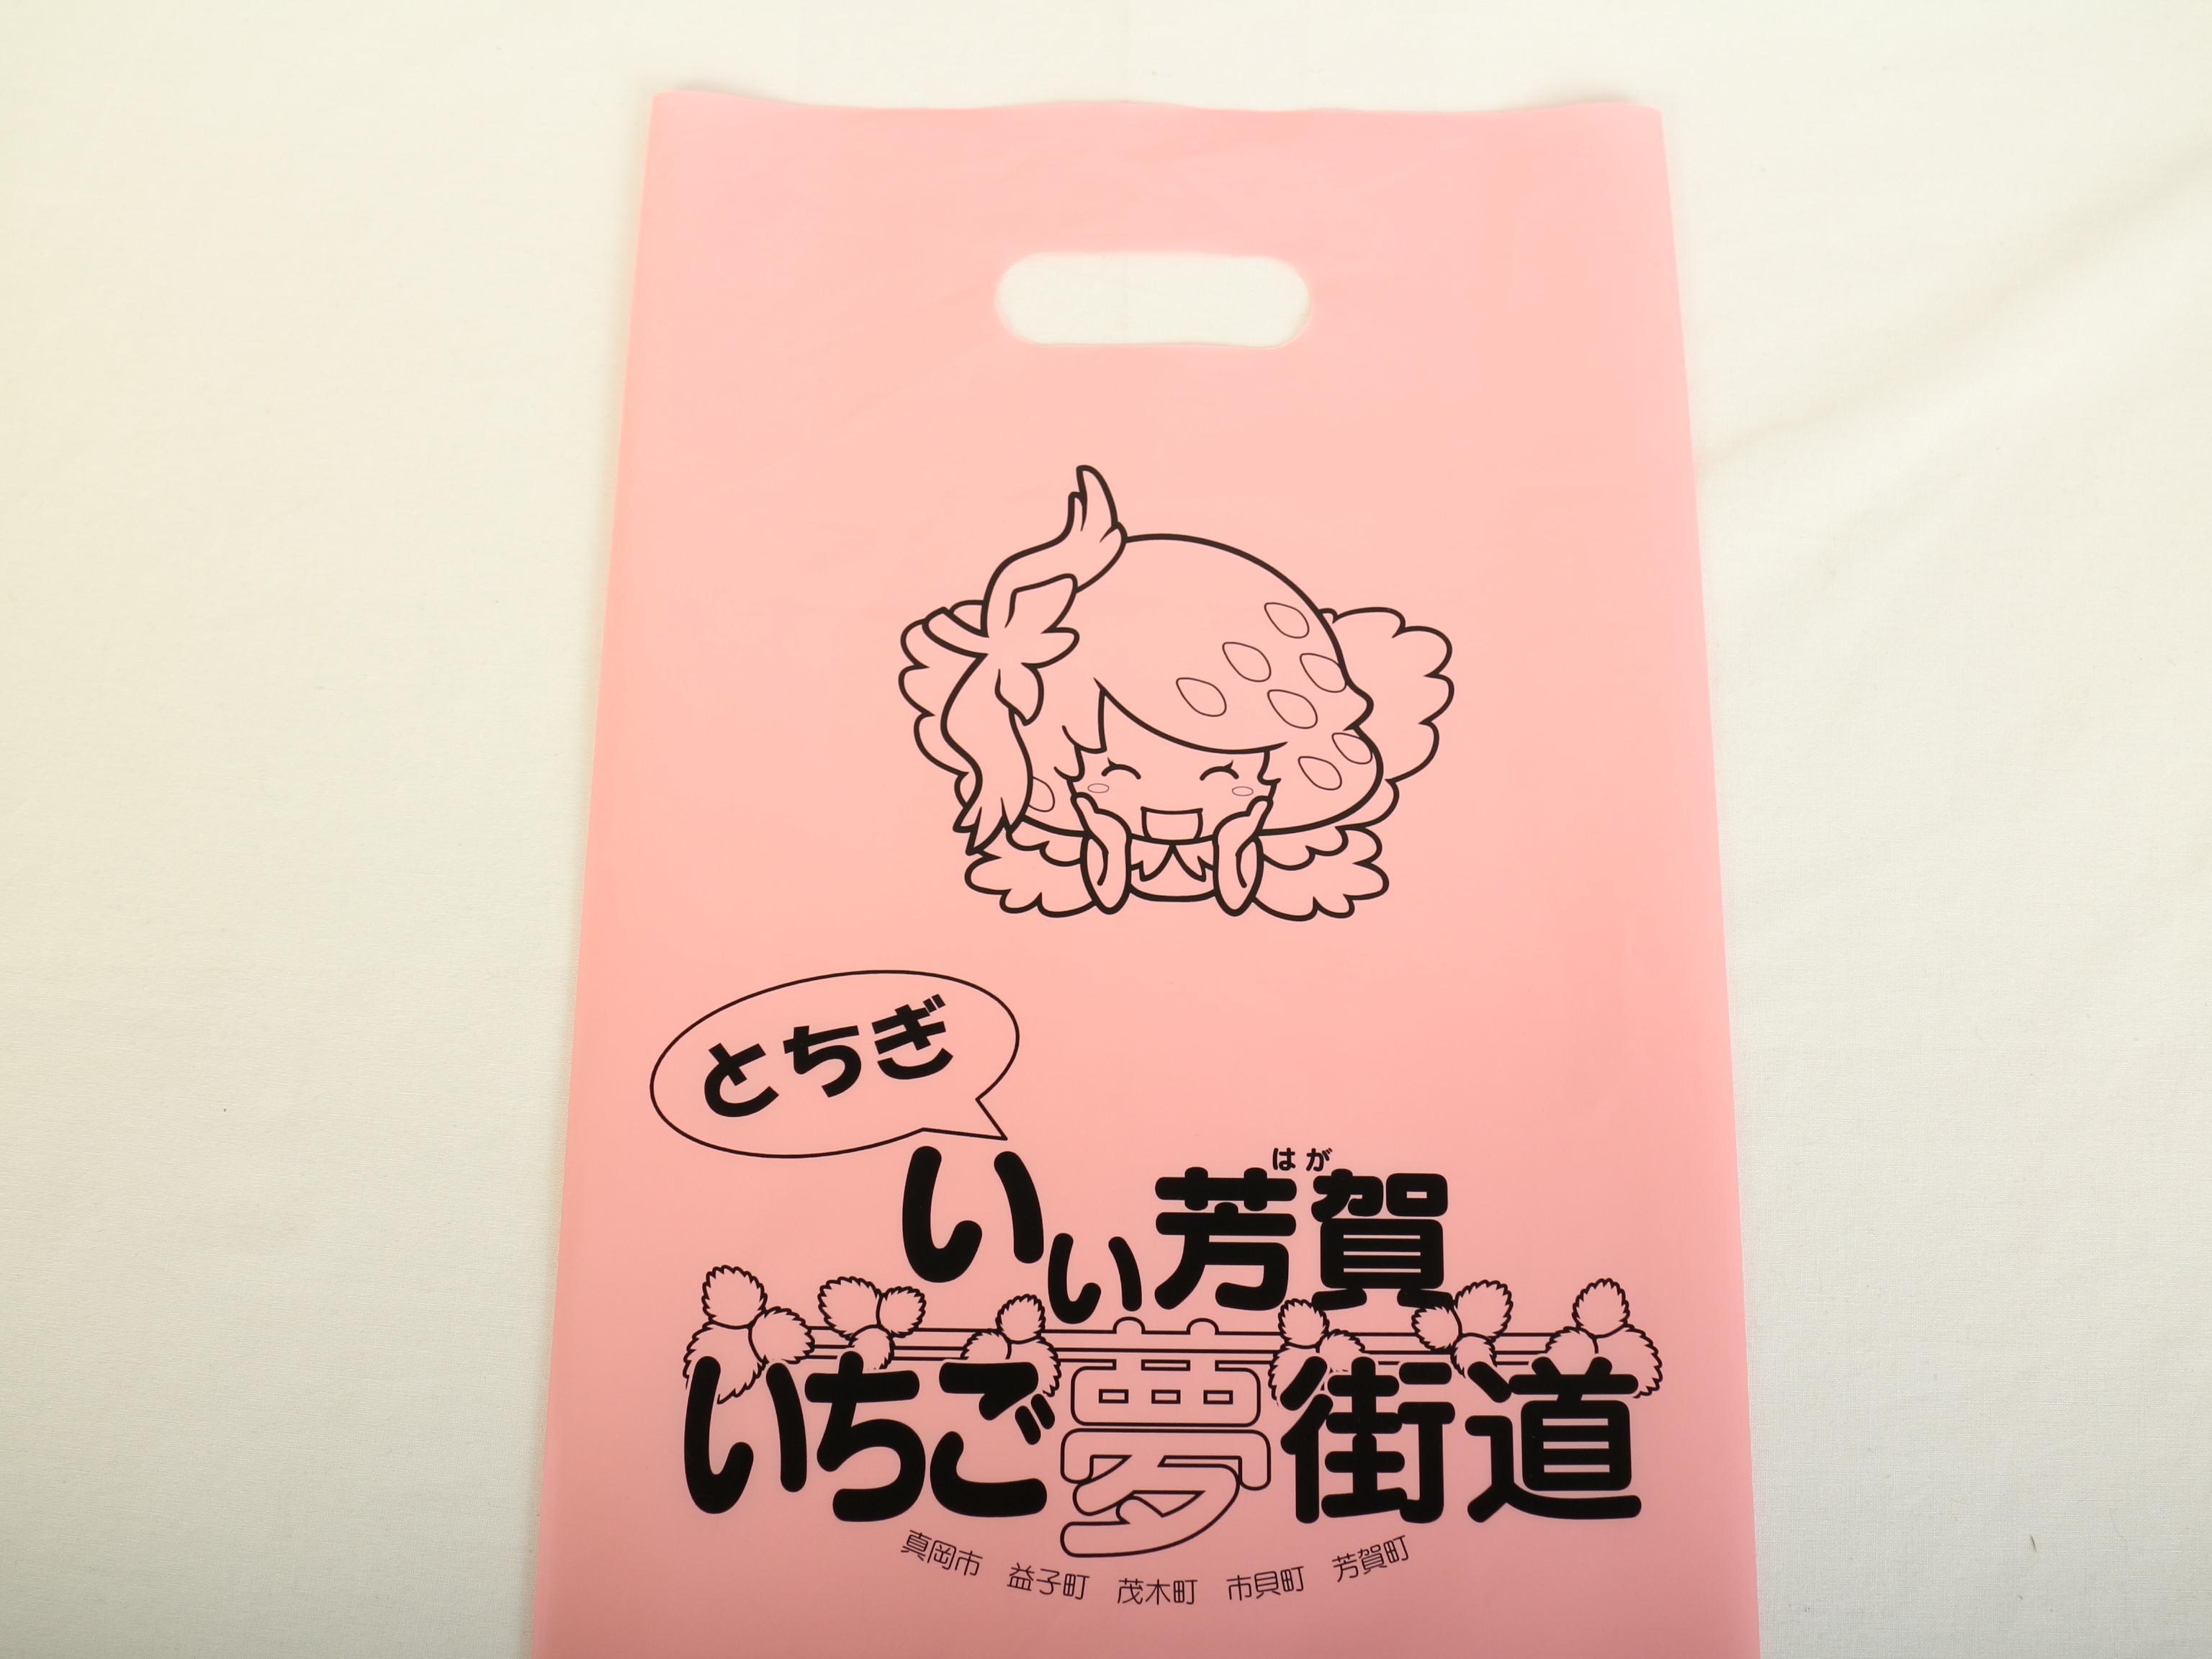 農業関連事務所様のイベント用オリジナルポリ袋